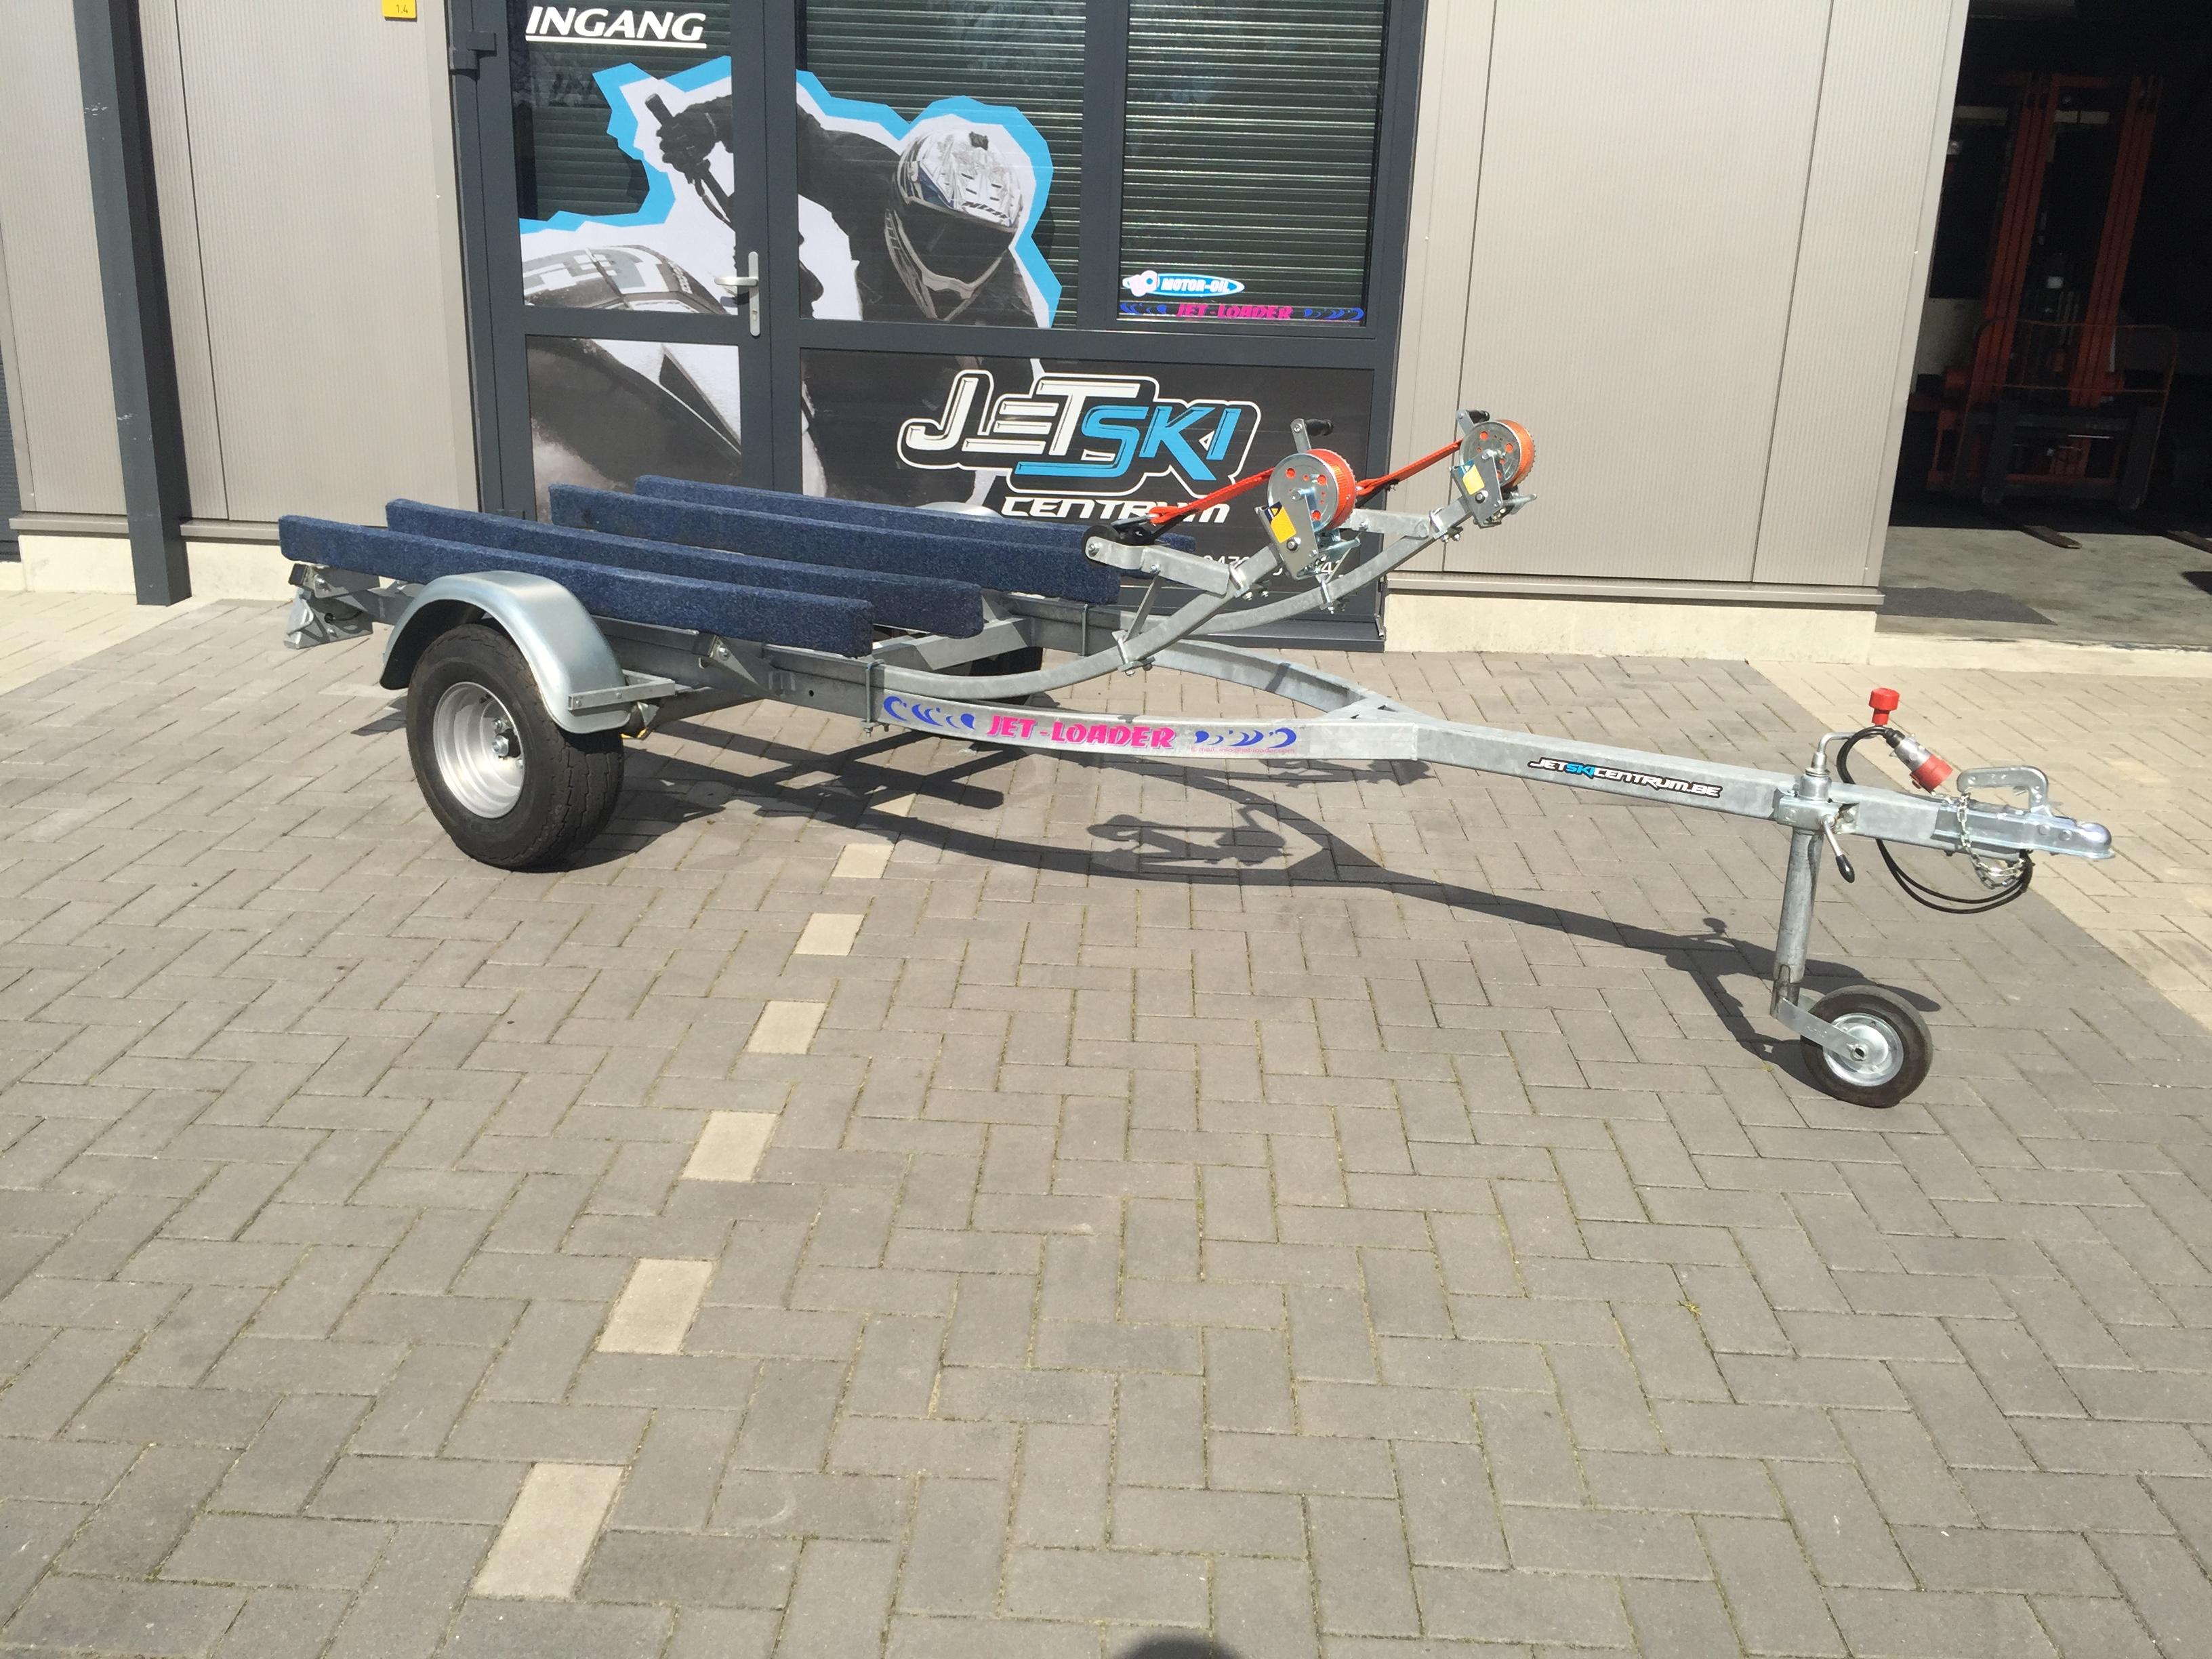 Jet-loader dubbel 2x stand up Image